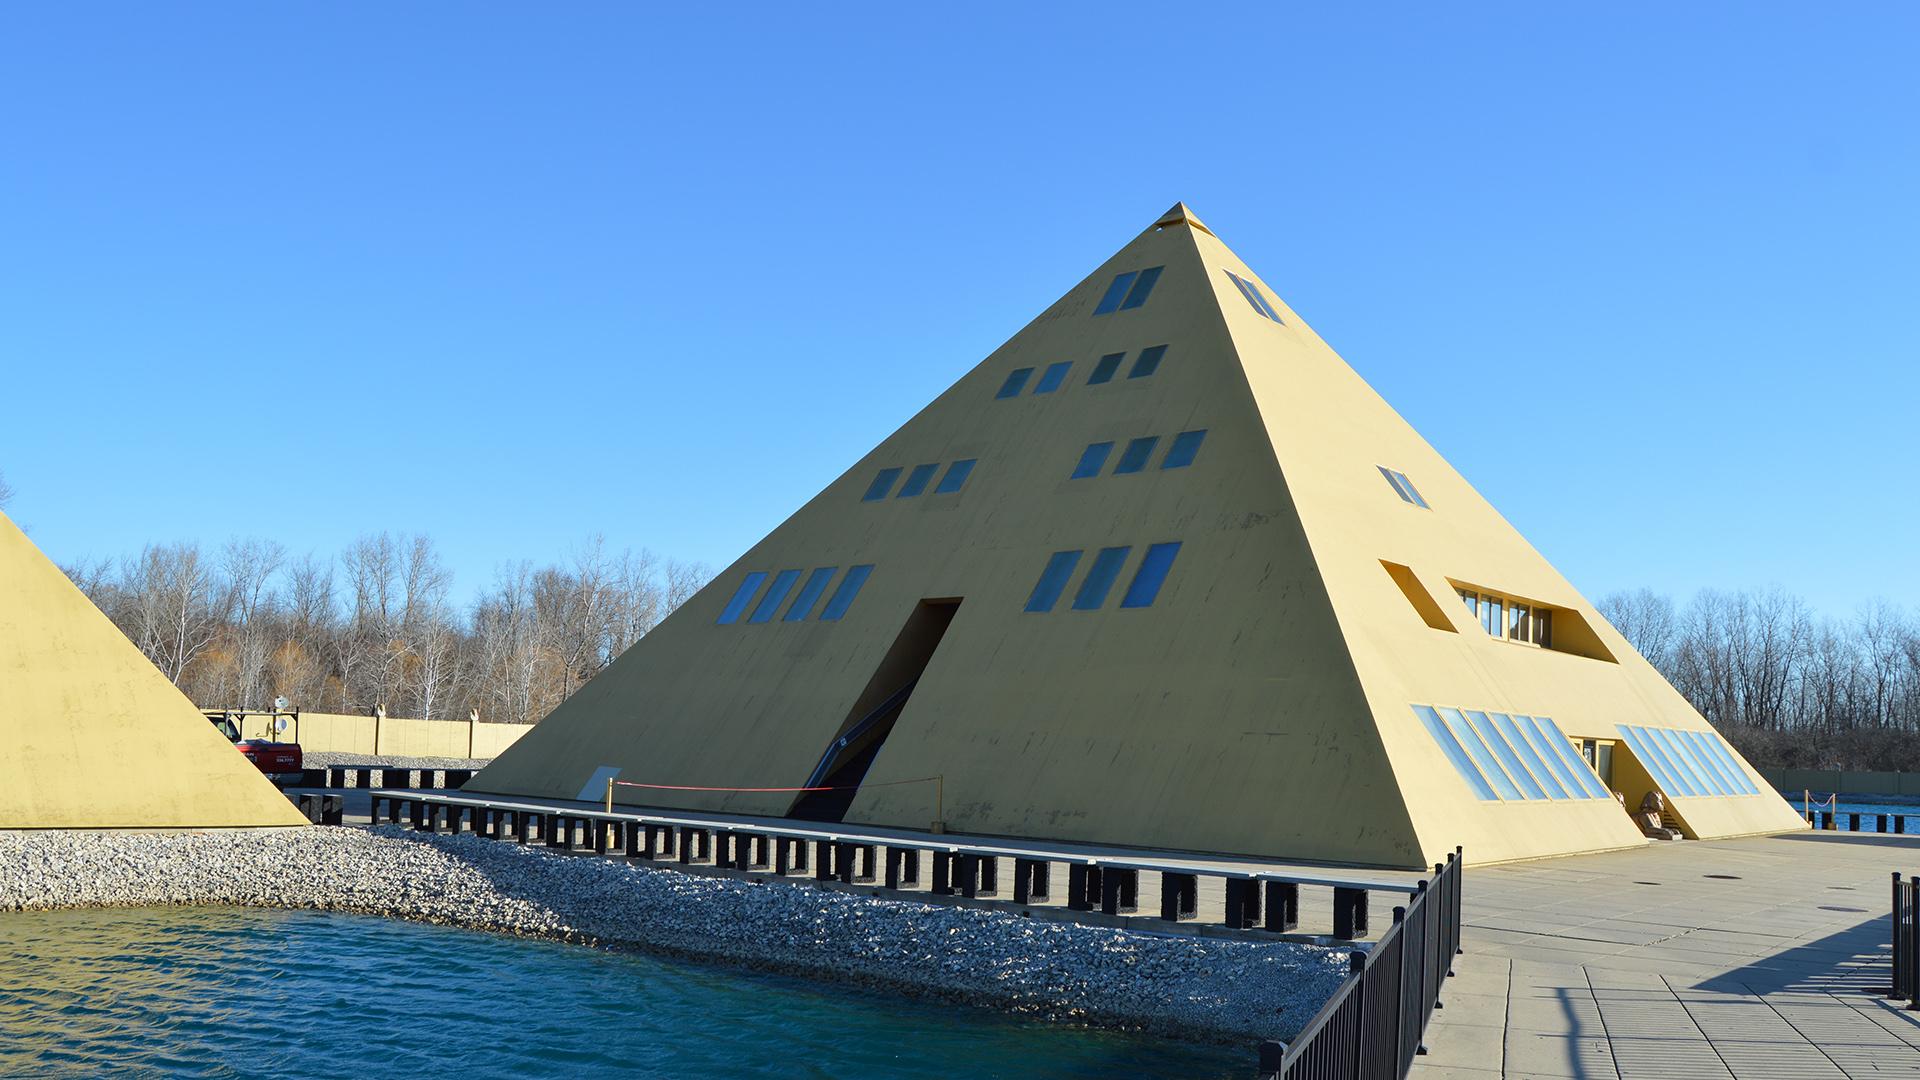 Risultati immagini per Gold Pyramid in Wadsworth Illinois